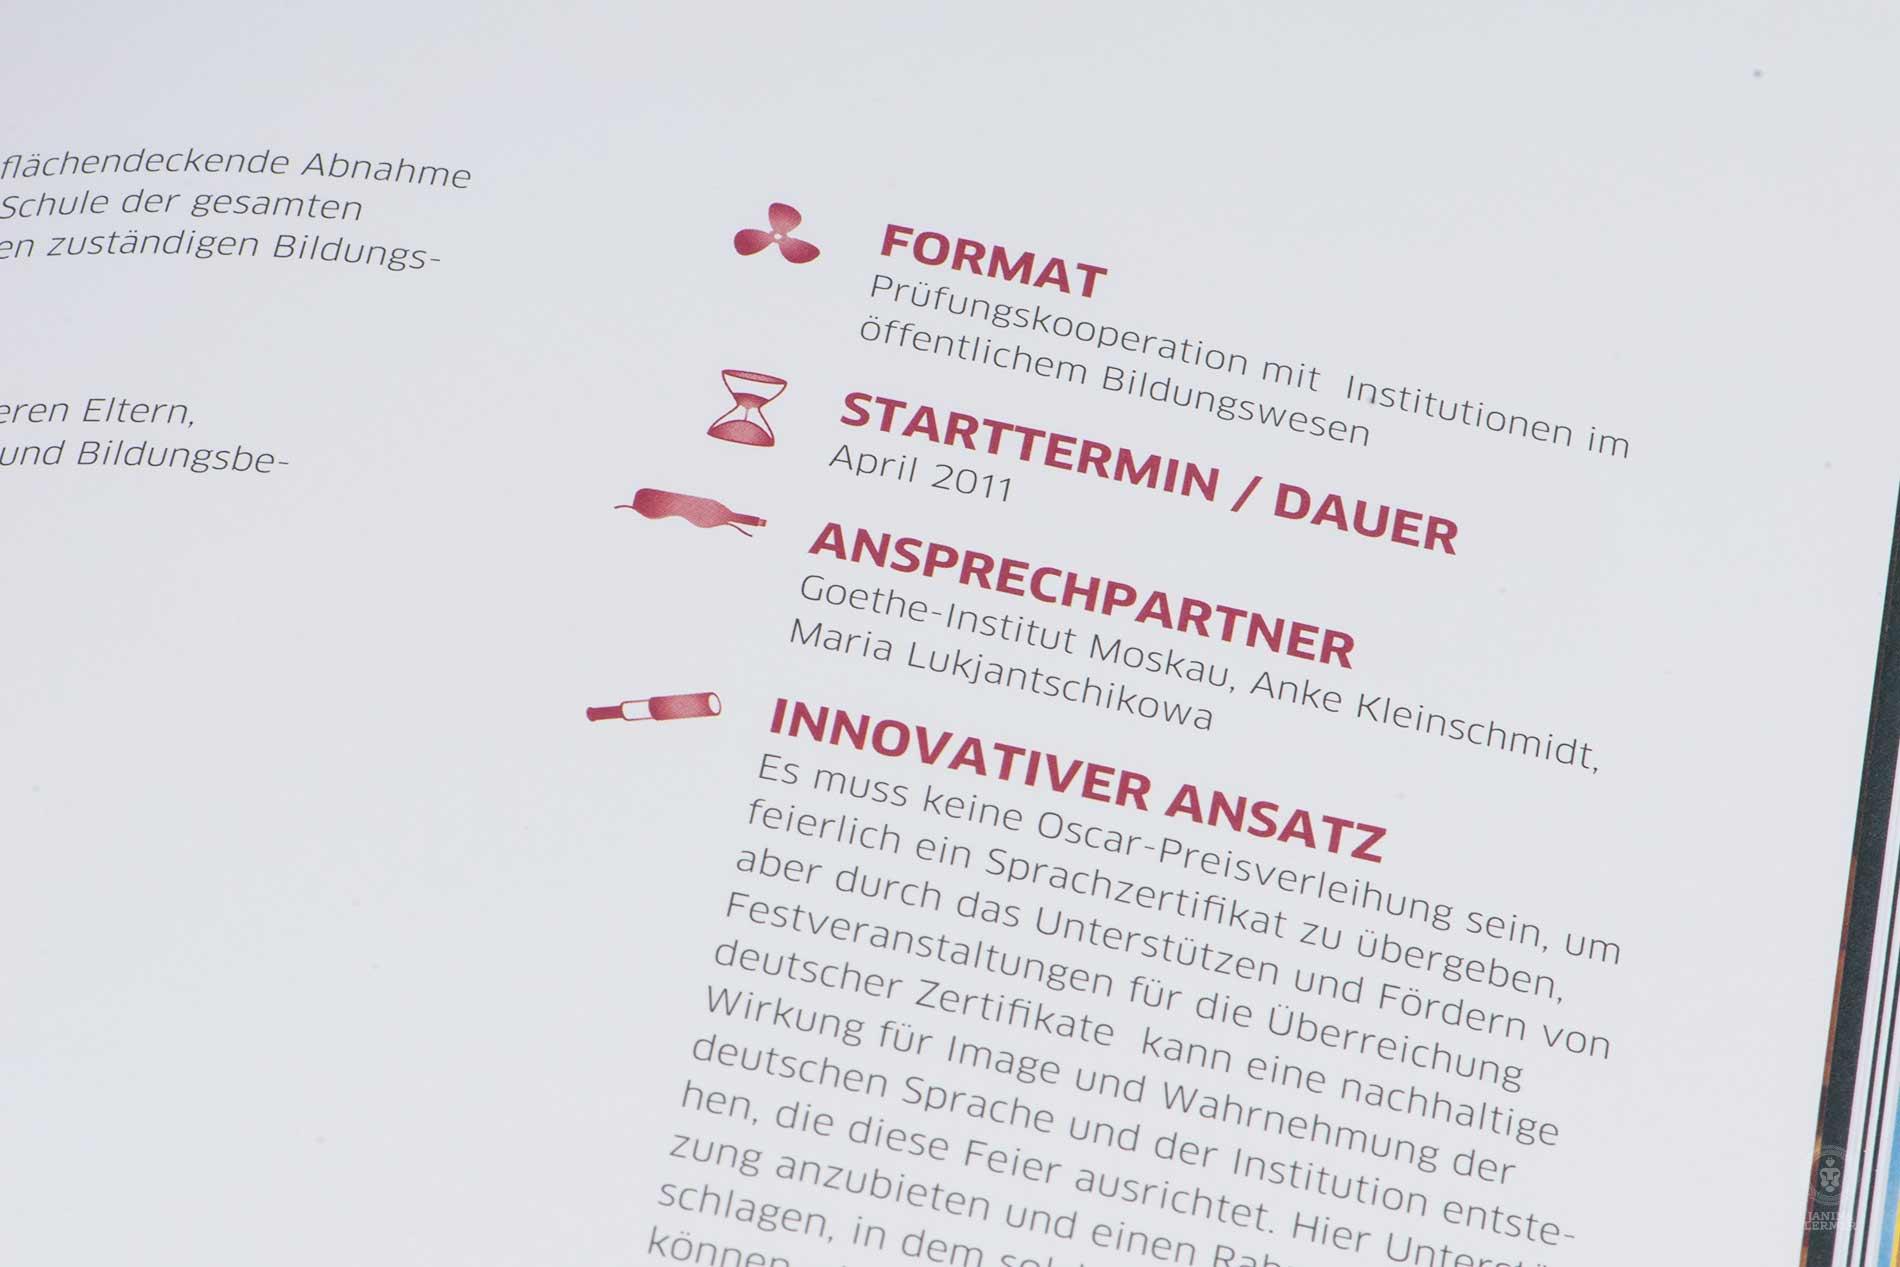 Janina-Lermer-Buchgestaltung-Magazingestaltung-Editorialdesign-Icons-seamanoptic-2-lighthouseprojects-Goethe_Institut